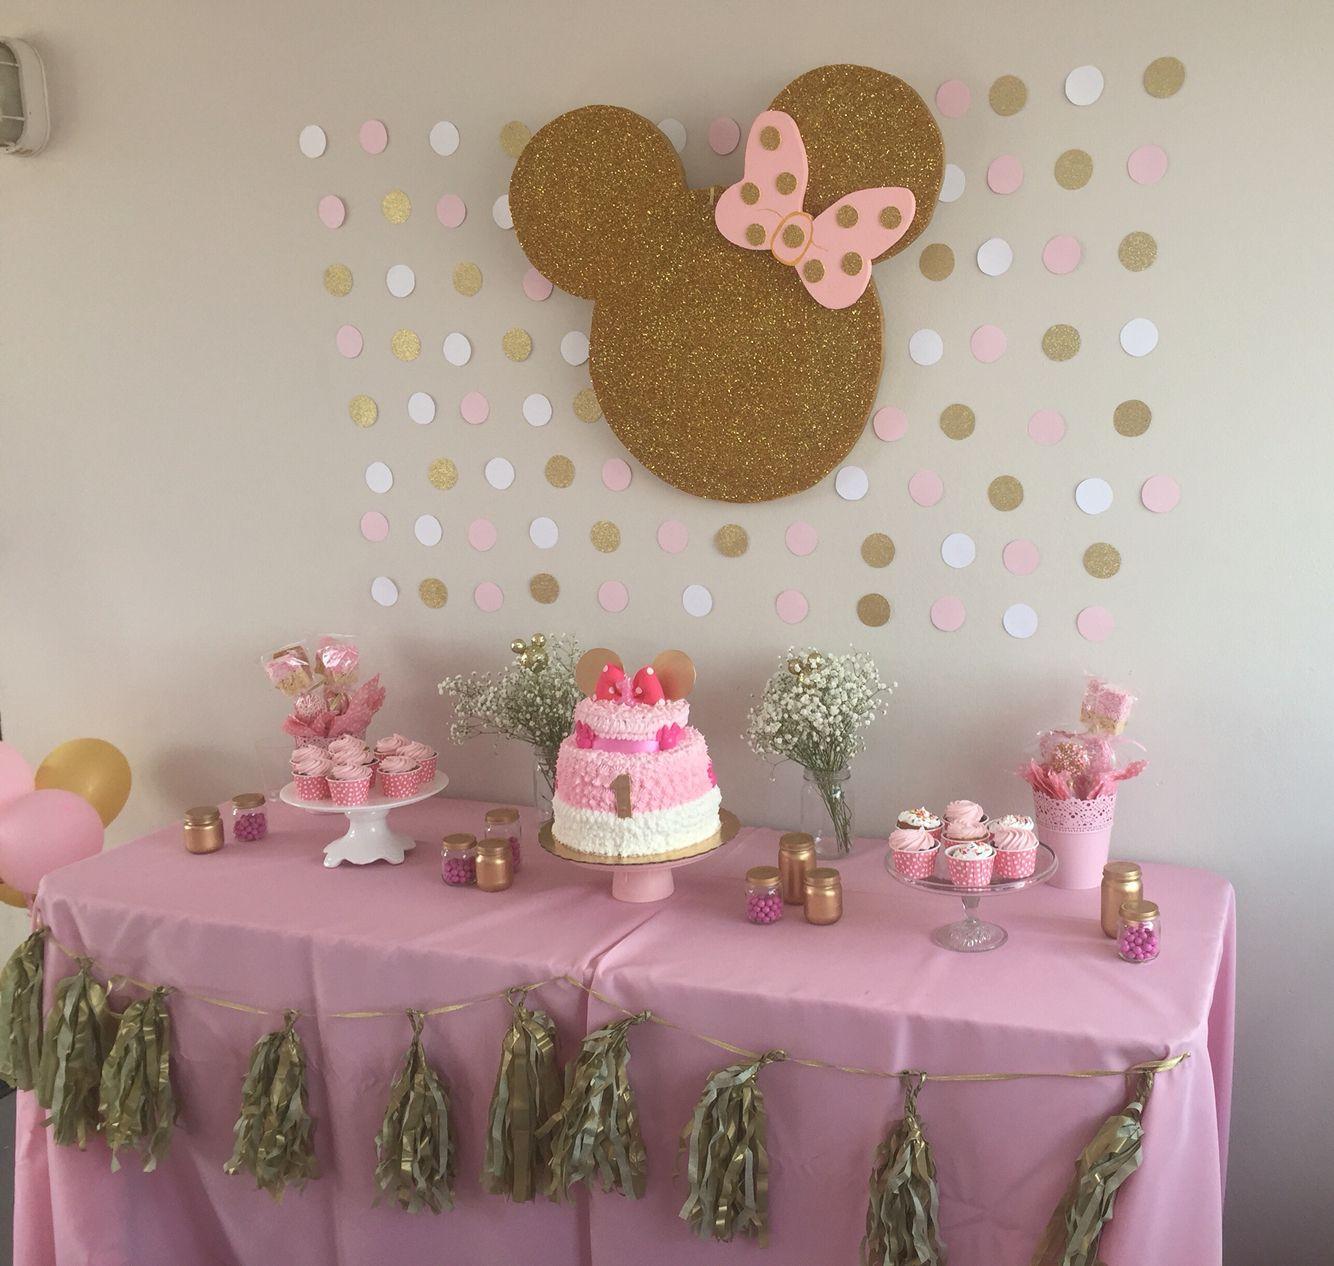 Resultado de imagen para cumplea os minnie rosa y dorado - Decoracion cumpleanos bebe 1 ano ...